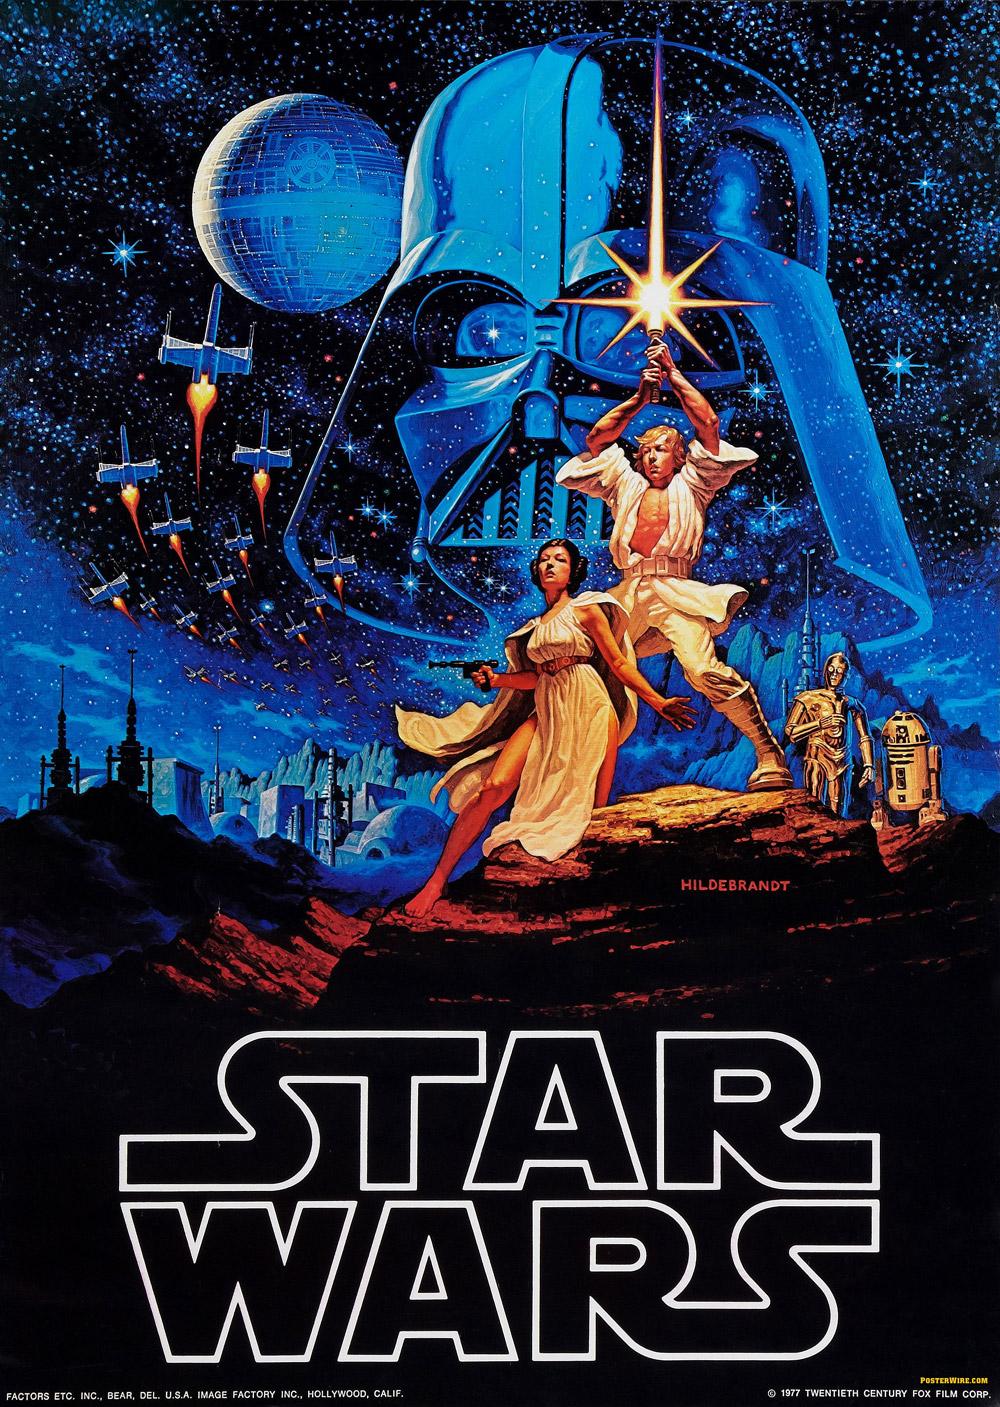 cartel original de Star Wars diseñado por los hermanos Hildebrandt